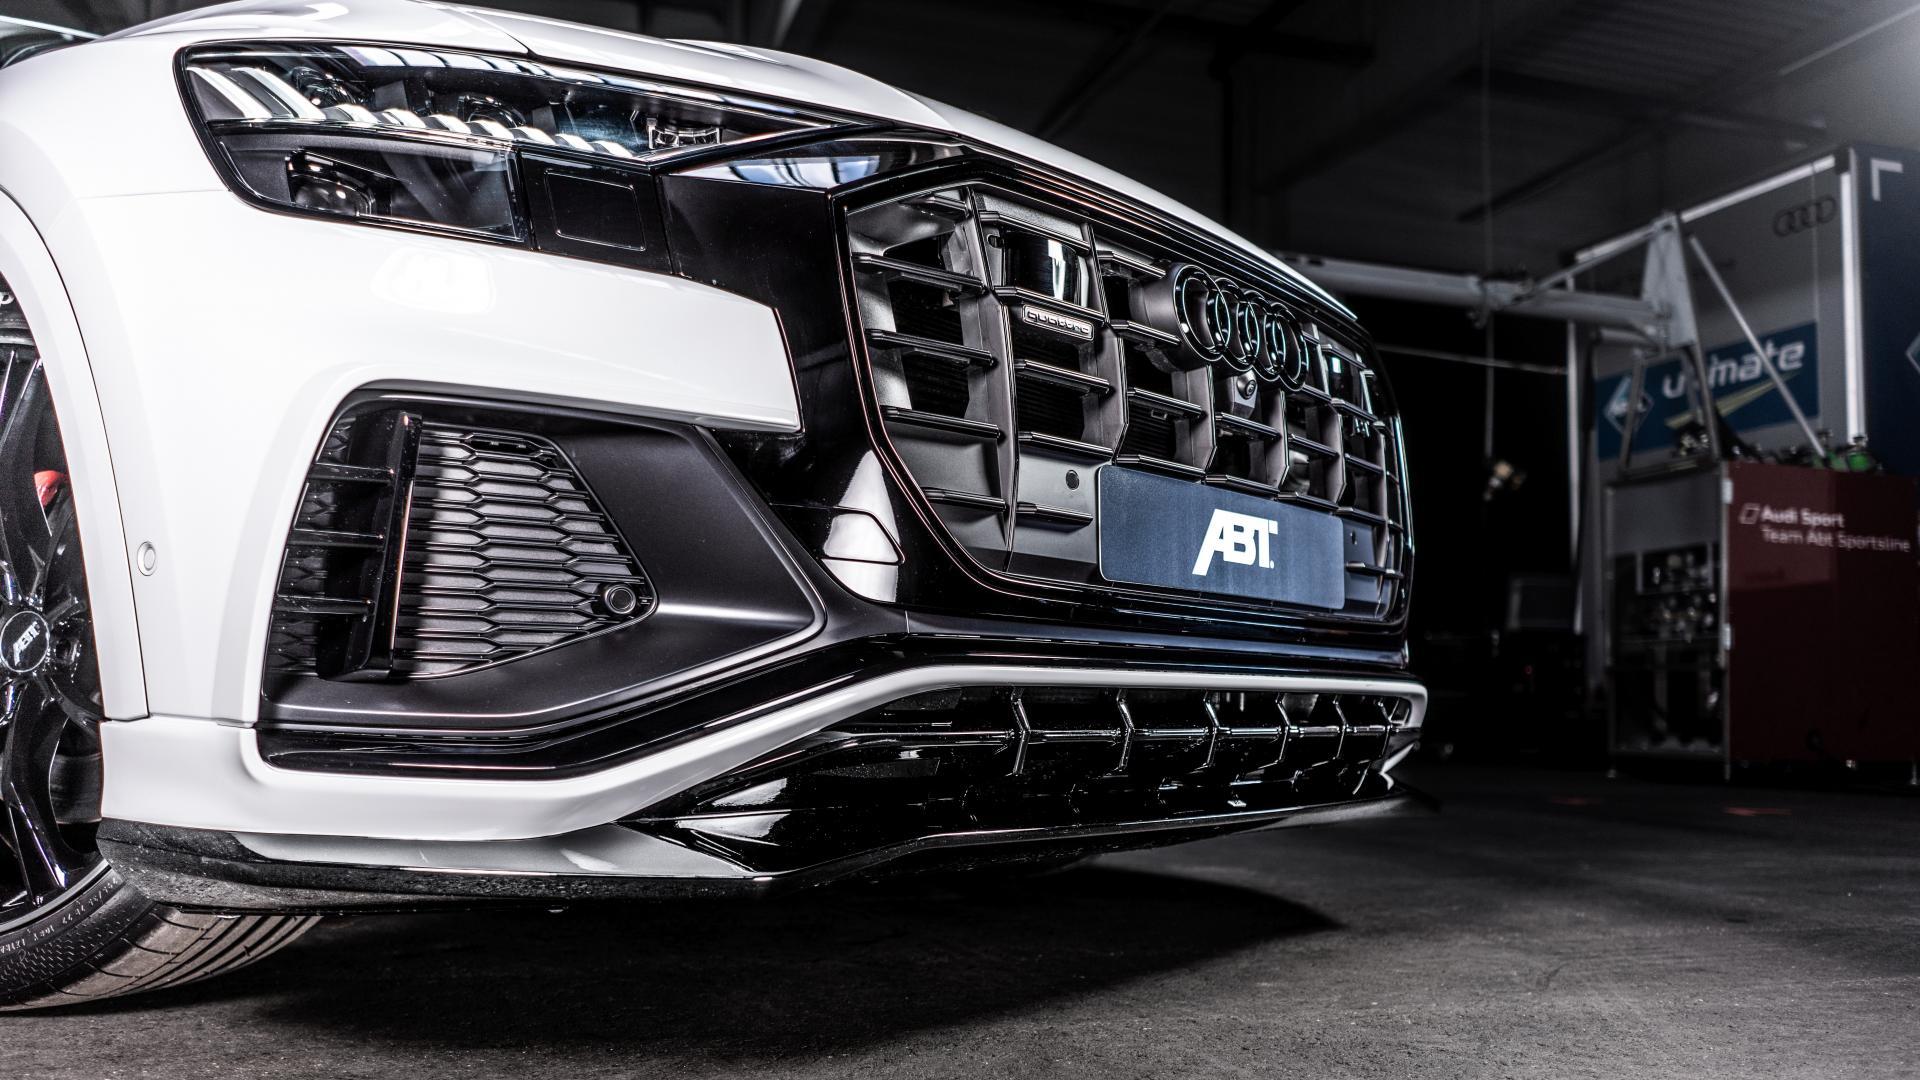 Abt Audi Q8 grille